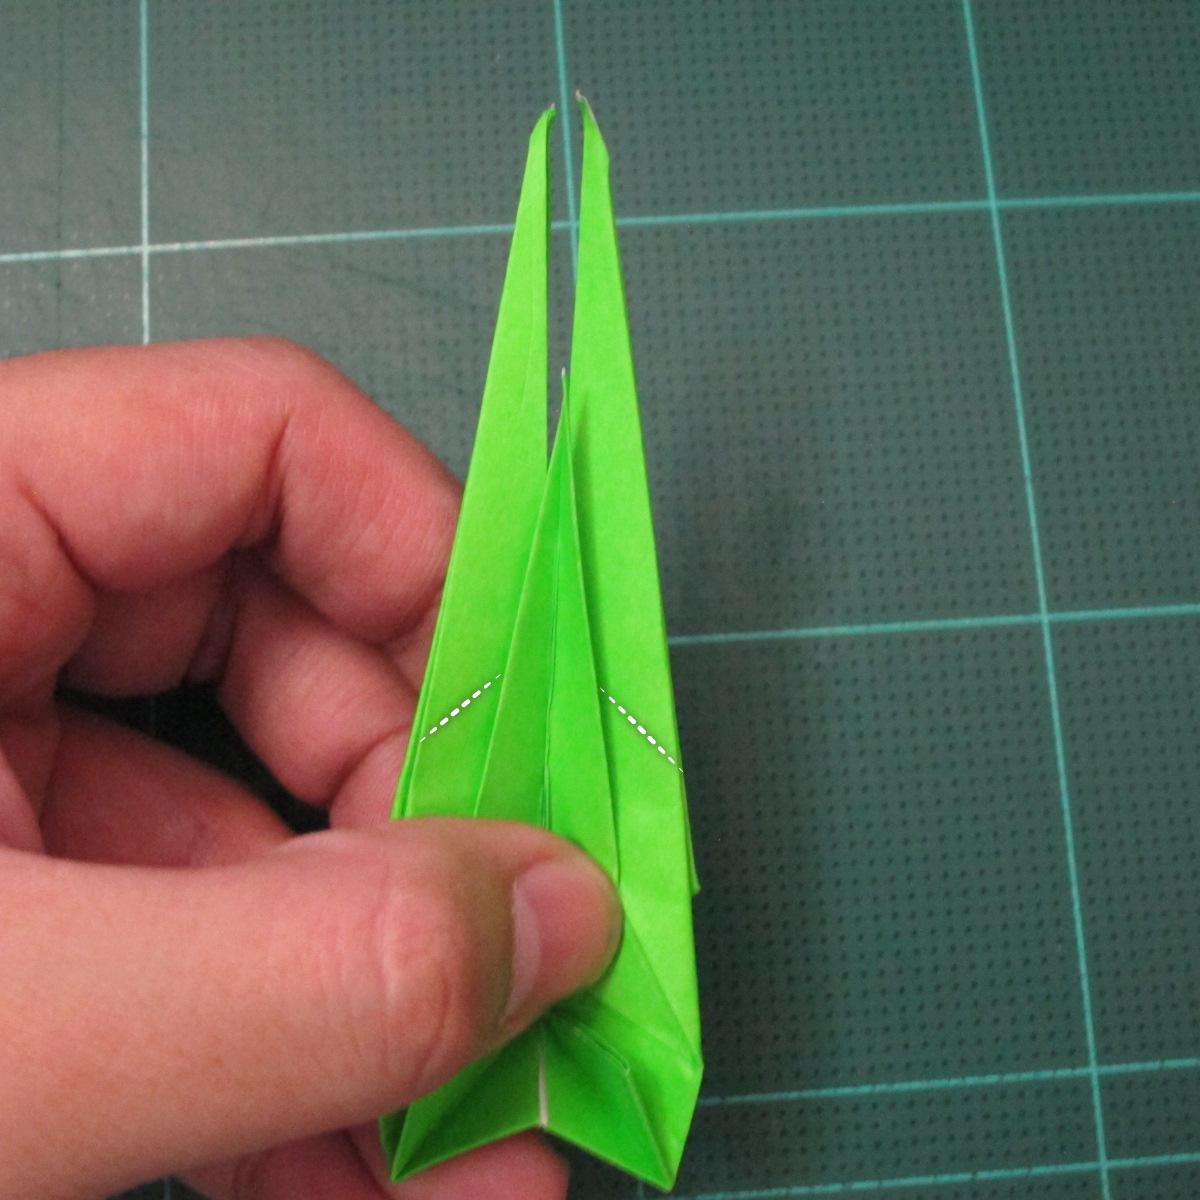 วิธีพับกระดาษเป็นรูปหอยทาก (origami Snail) 025